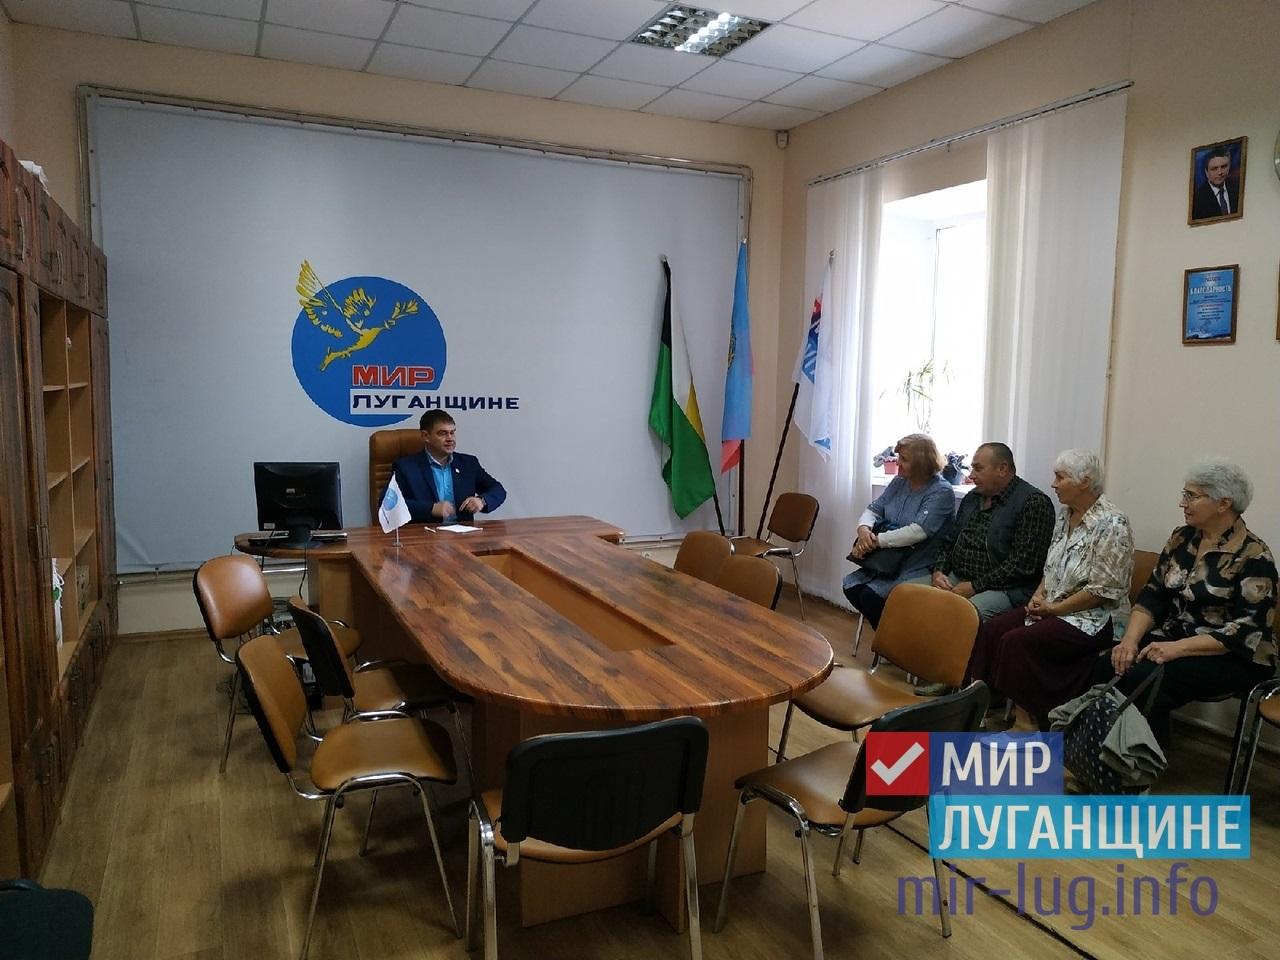 Заместитель Председателя Народного Совета ЛНР встретился с жителями Свердловска 1